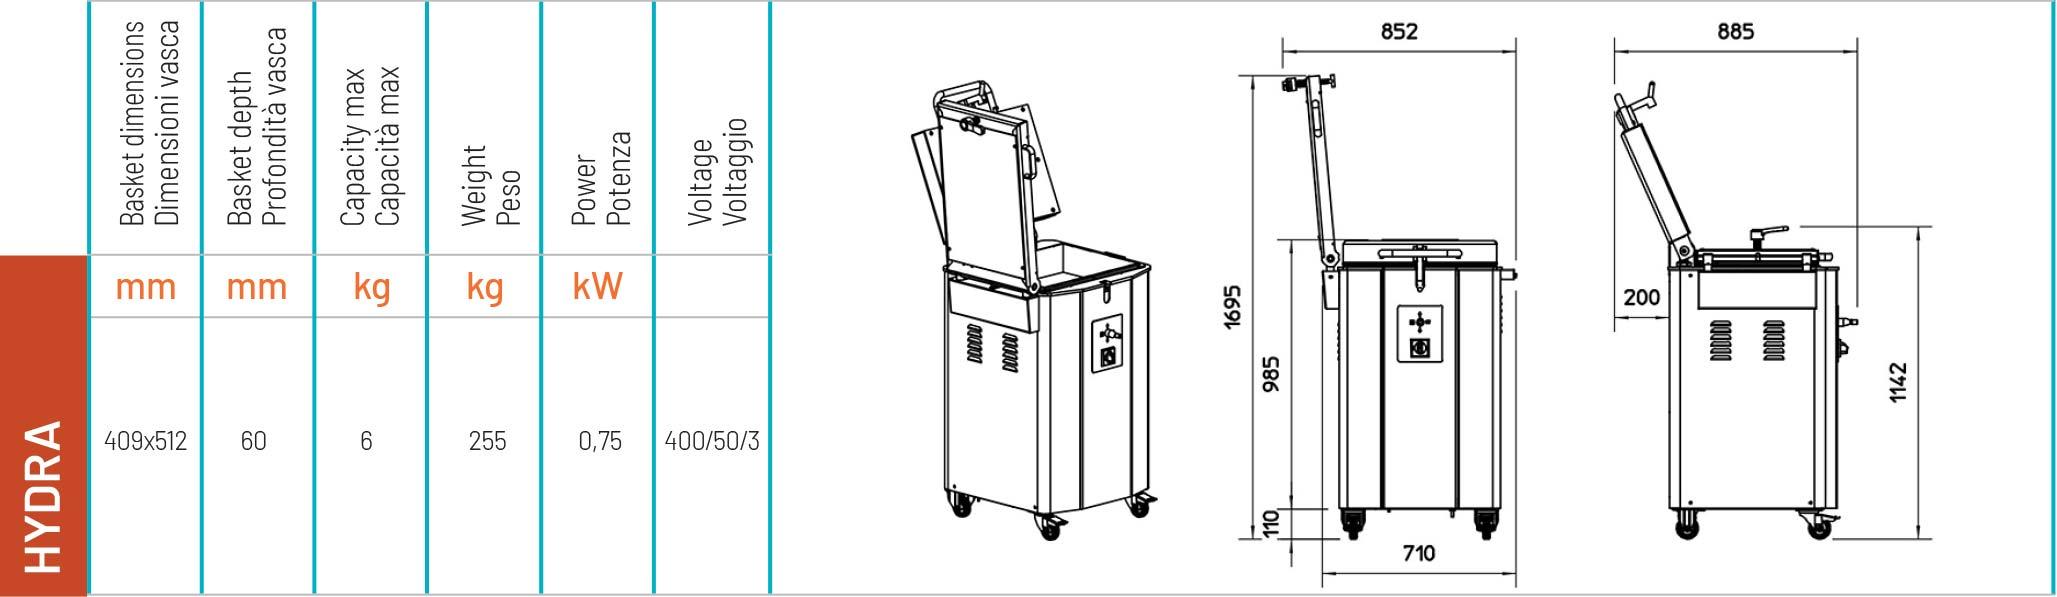 Spezzatrice idraulica a griglie HYDRA - scheda tecnica